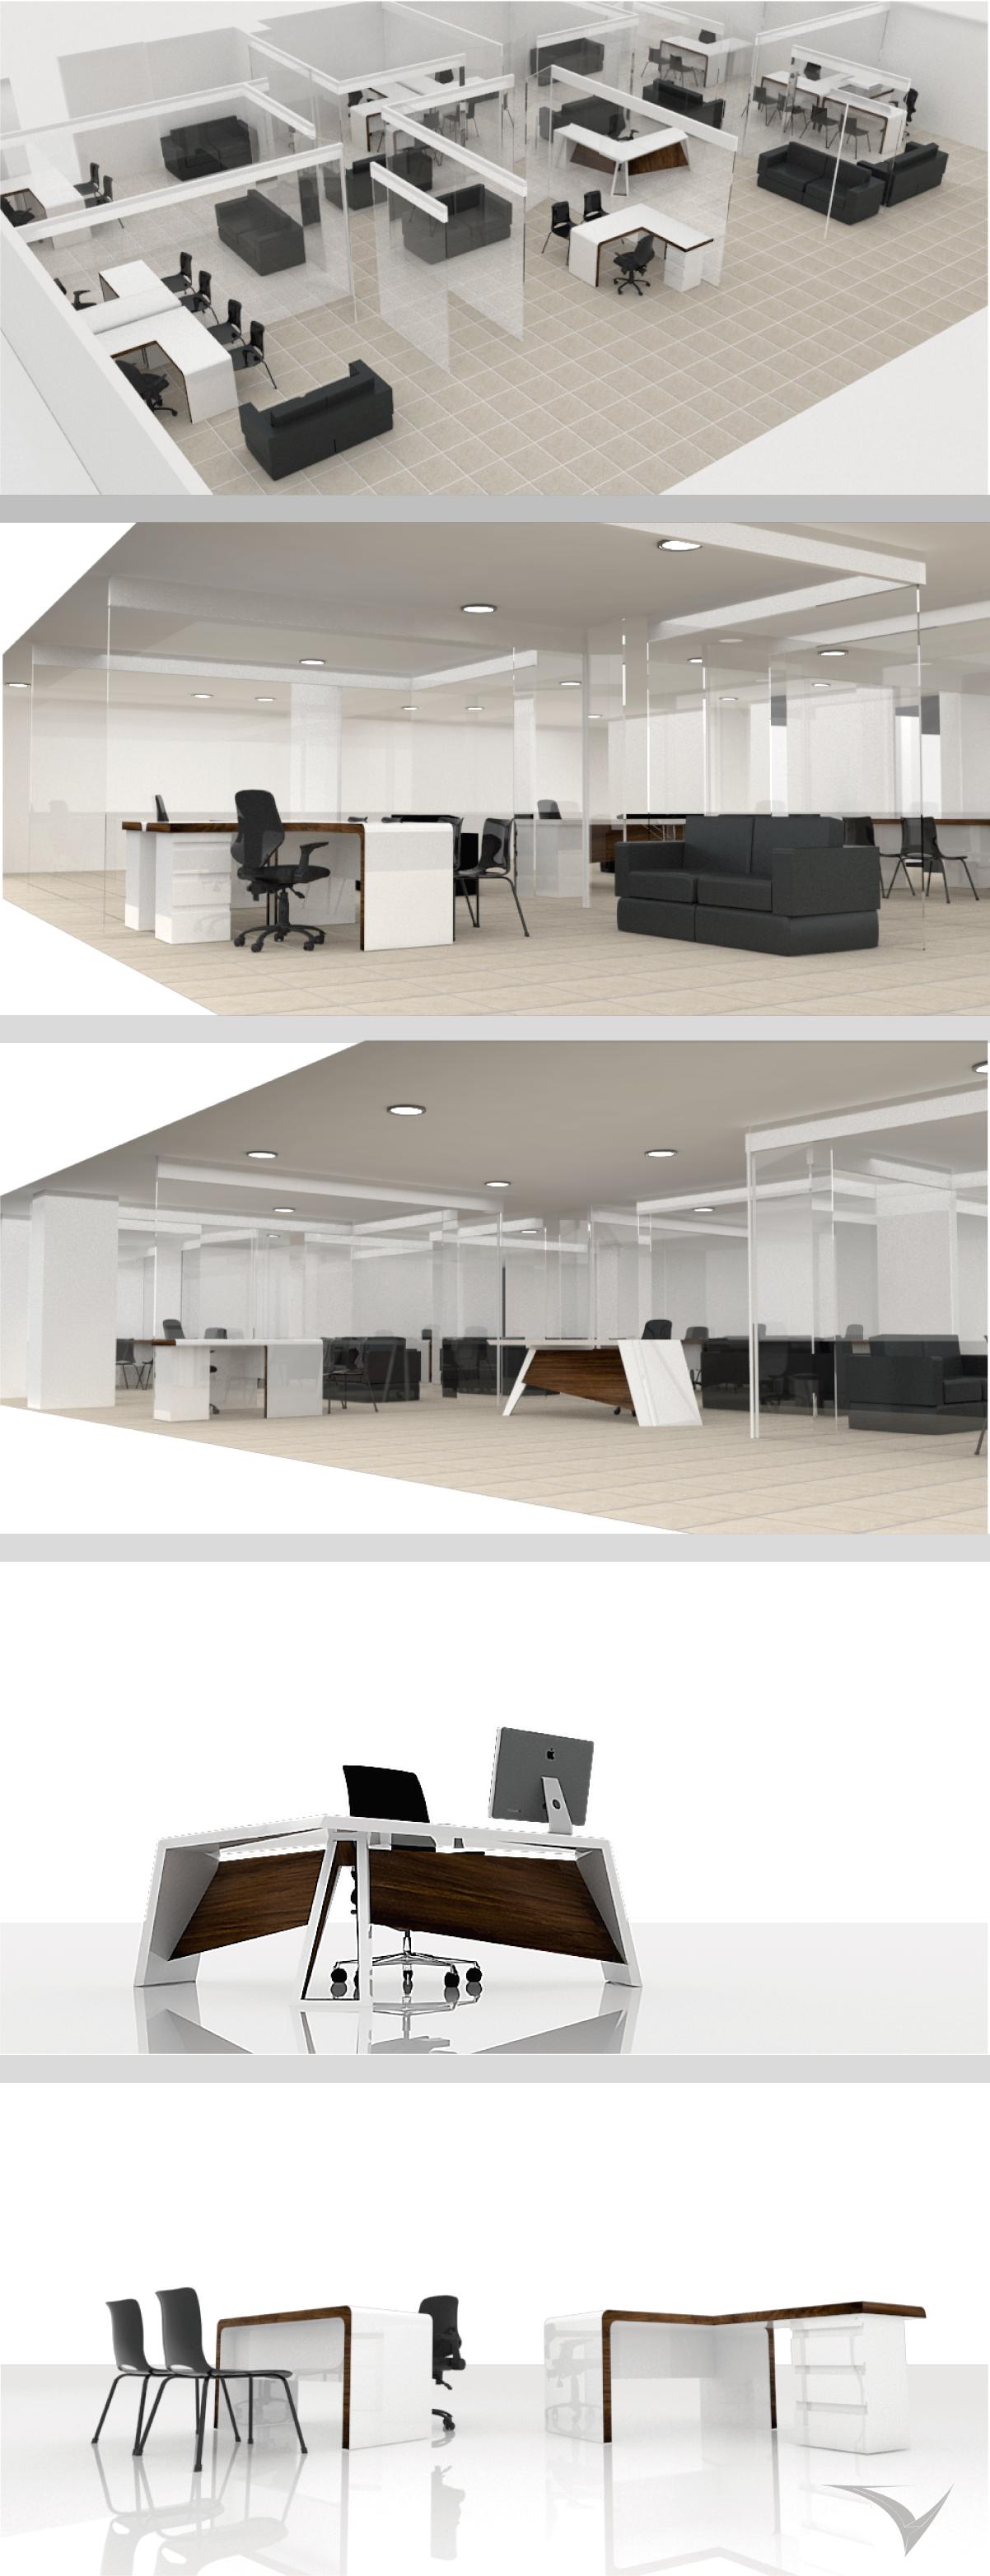 Proyecto De Interiorismo Espacios De Trabajo Alcald A De  # Muebles Fontibon